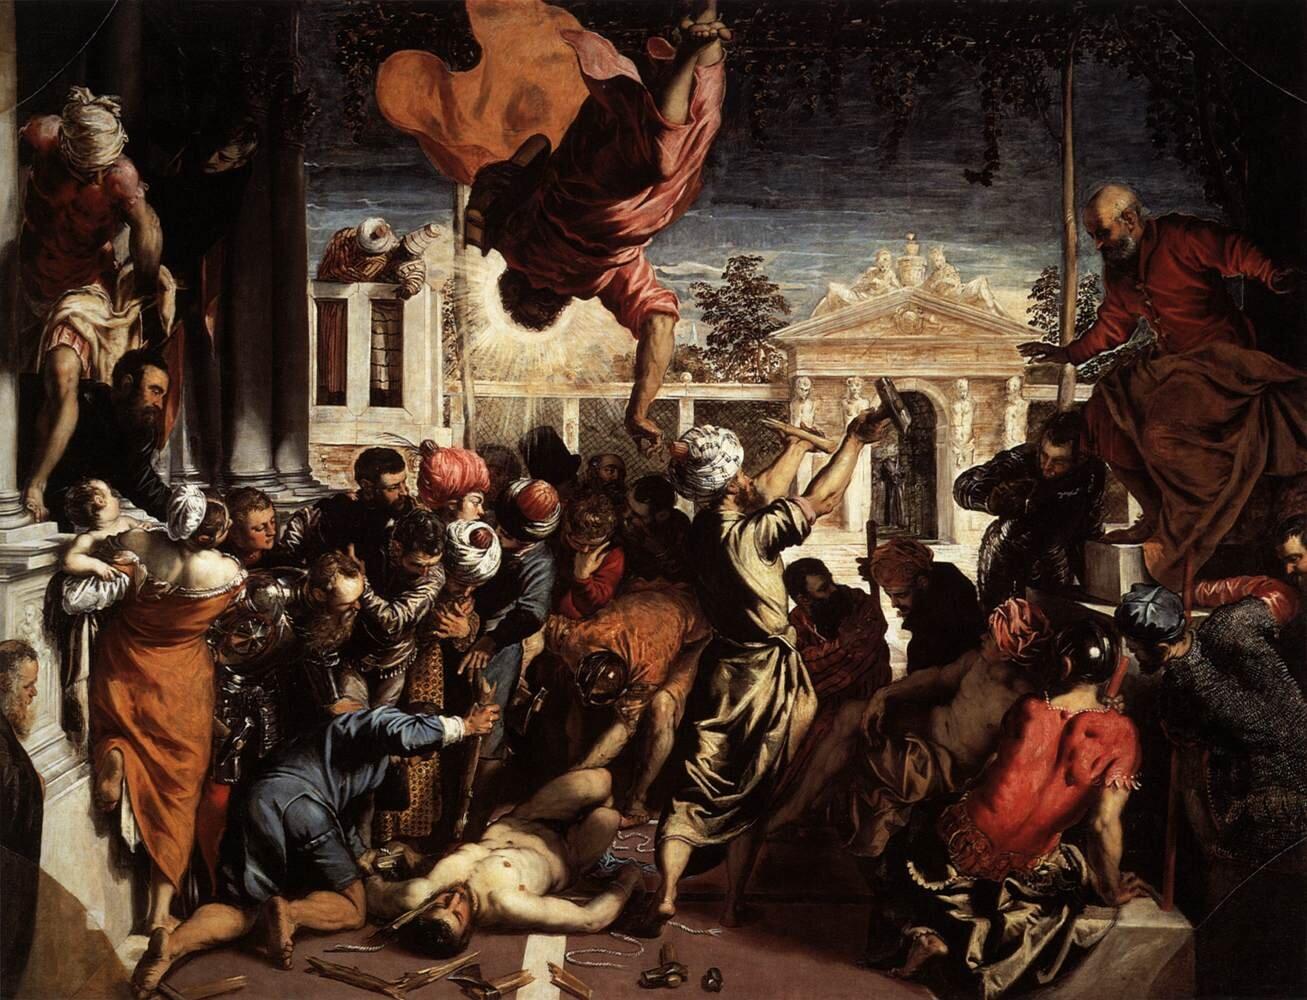 Cud św. Marka oswabadzającego niewolnika Źródło: Tintoretto, Cud św. Marka oswabadzającego niewolnika, 1548, olej na płótnie, Accademia of Venice, domena publiczna.